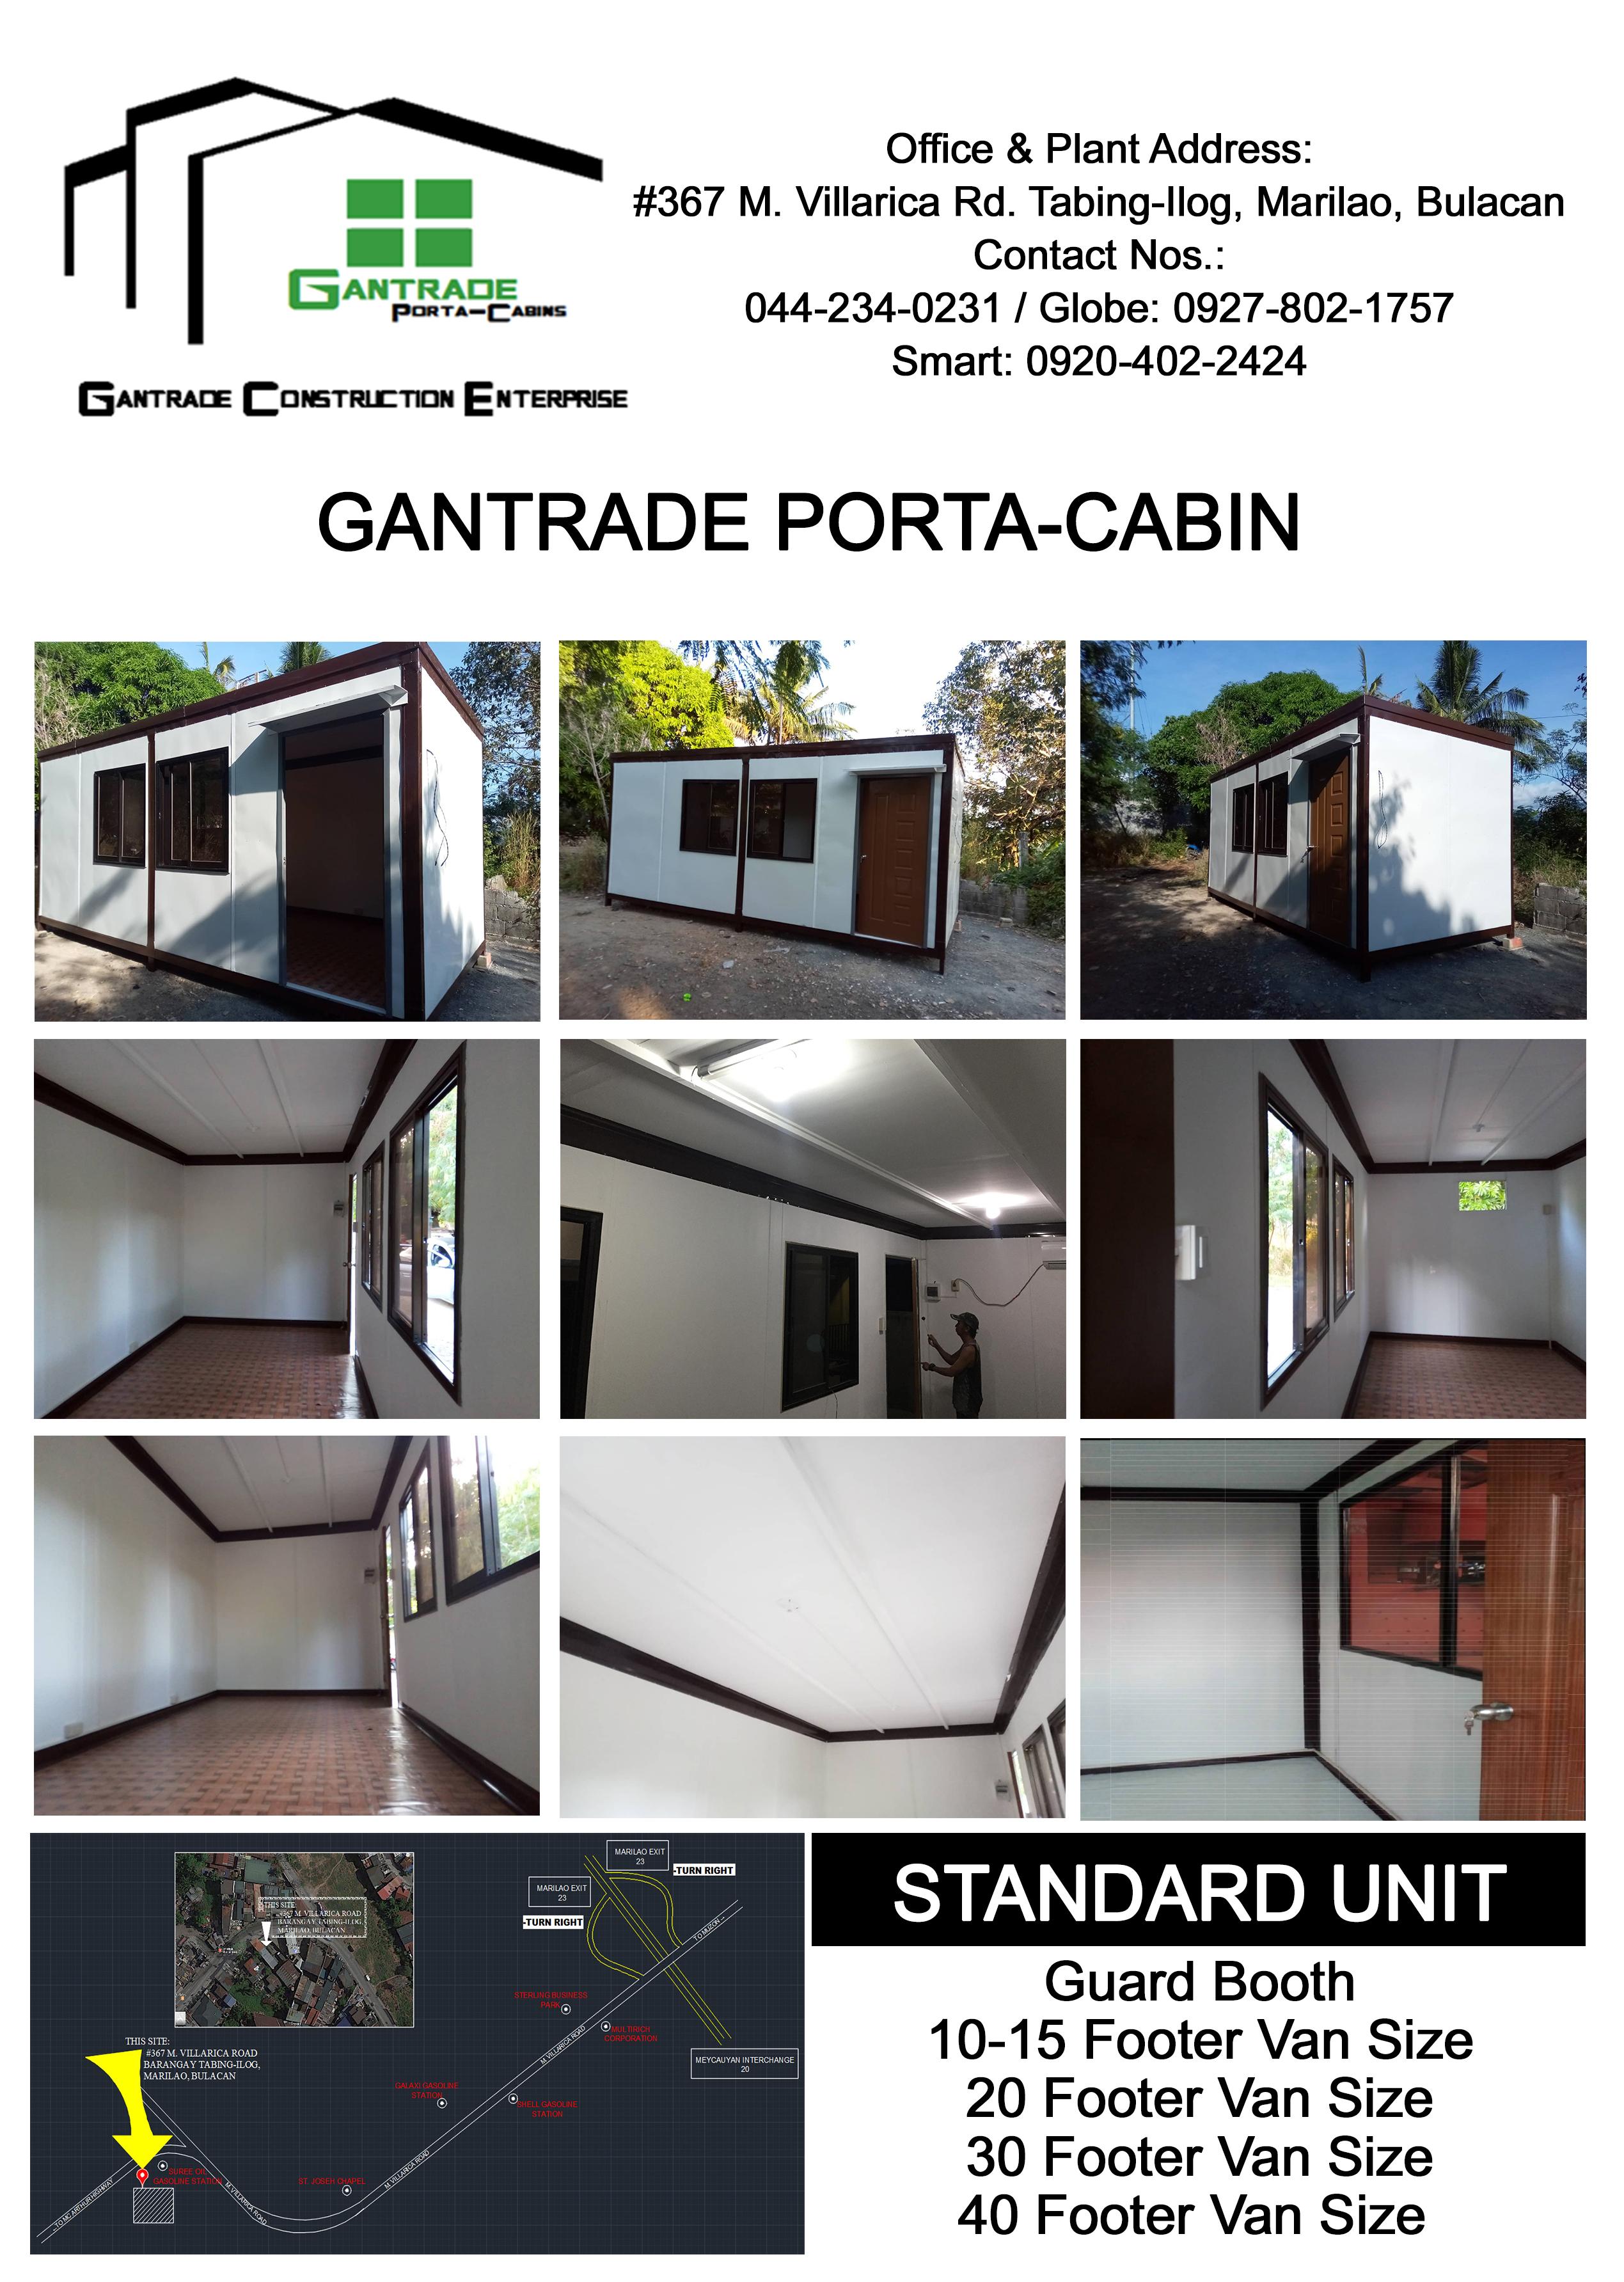 Gantrade Construction